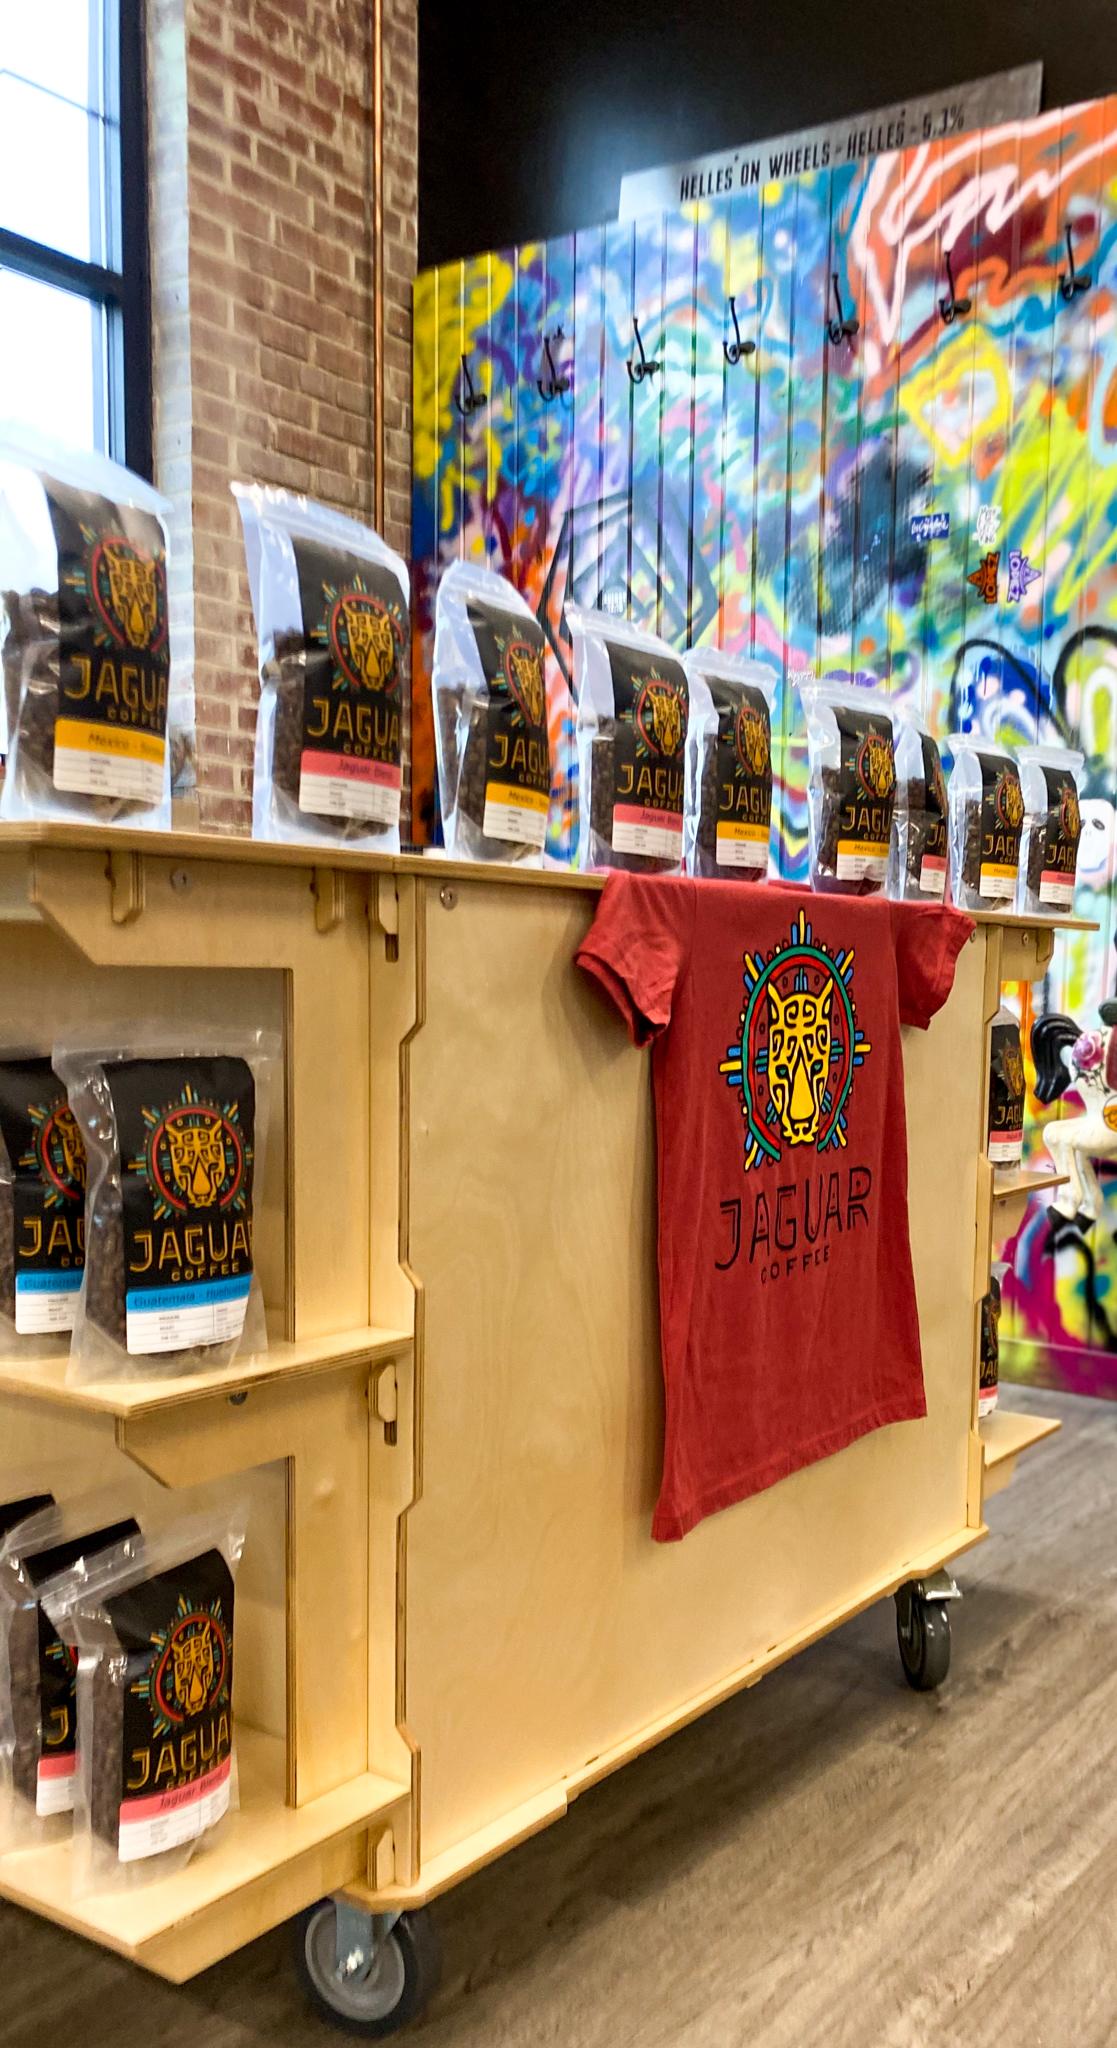 伊利諾伊州初創公司 Jaguar Coffee 與米卻肯州建立慶祝聯繫